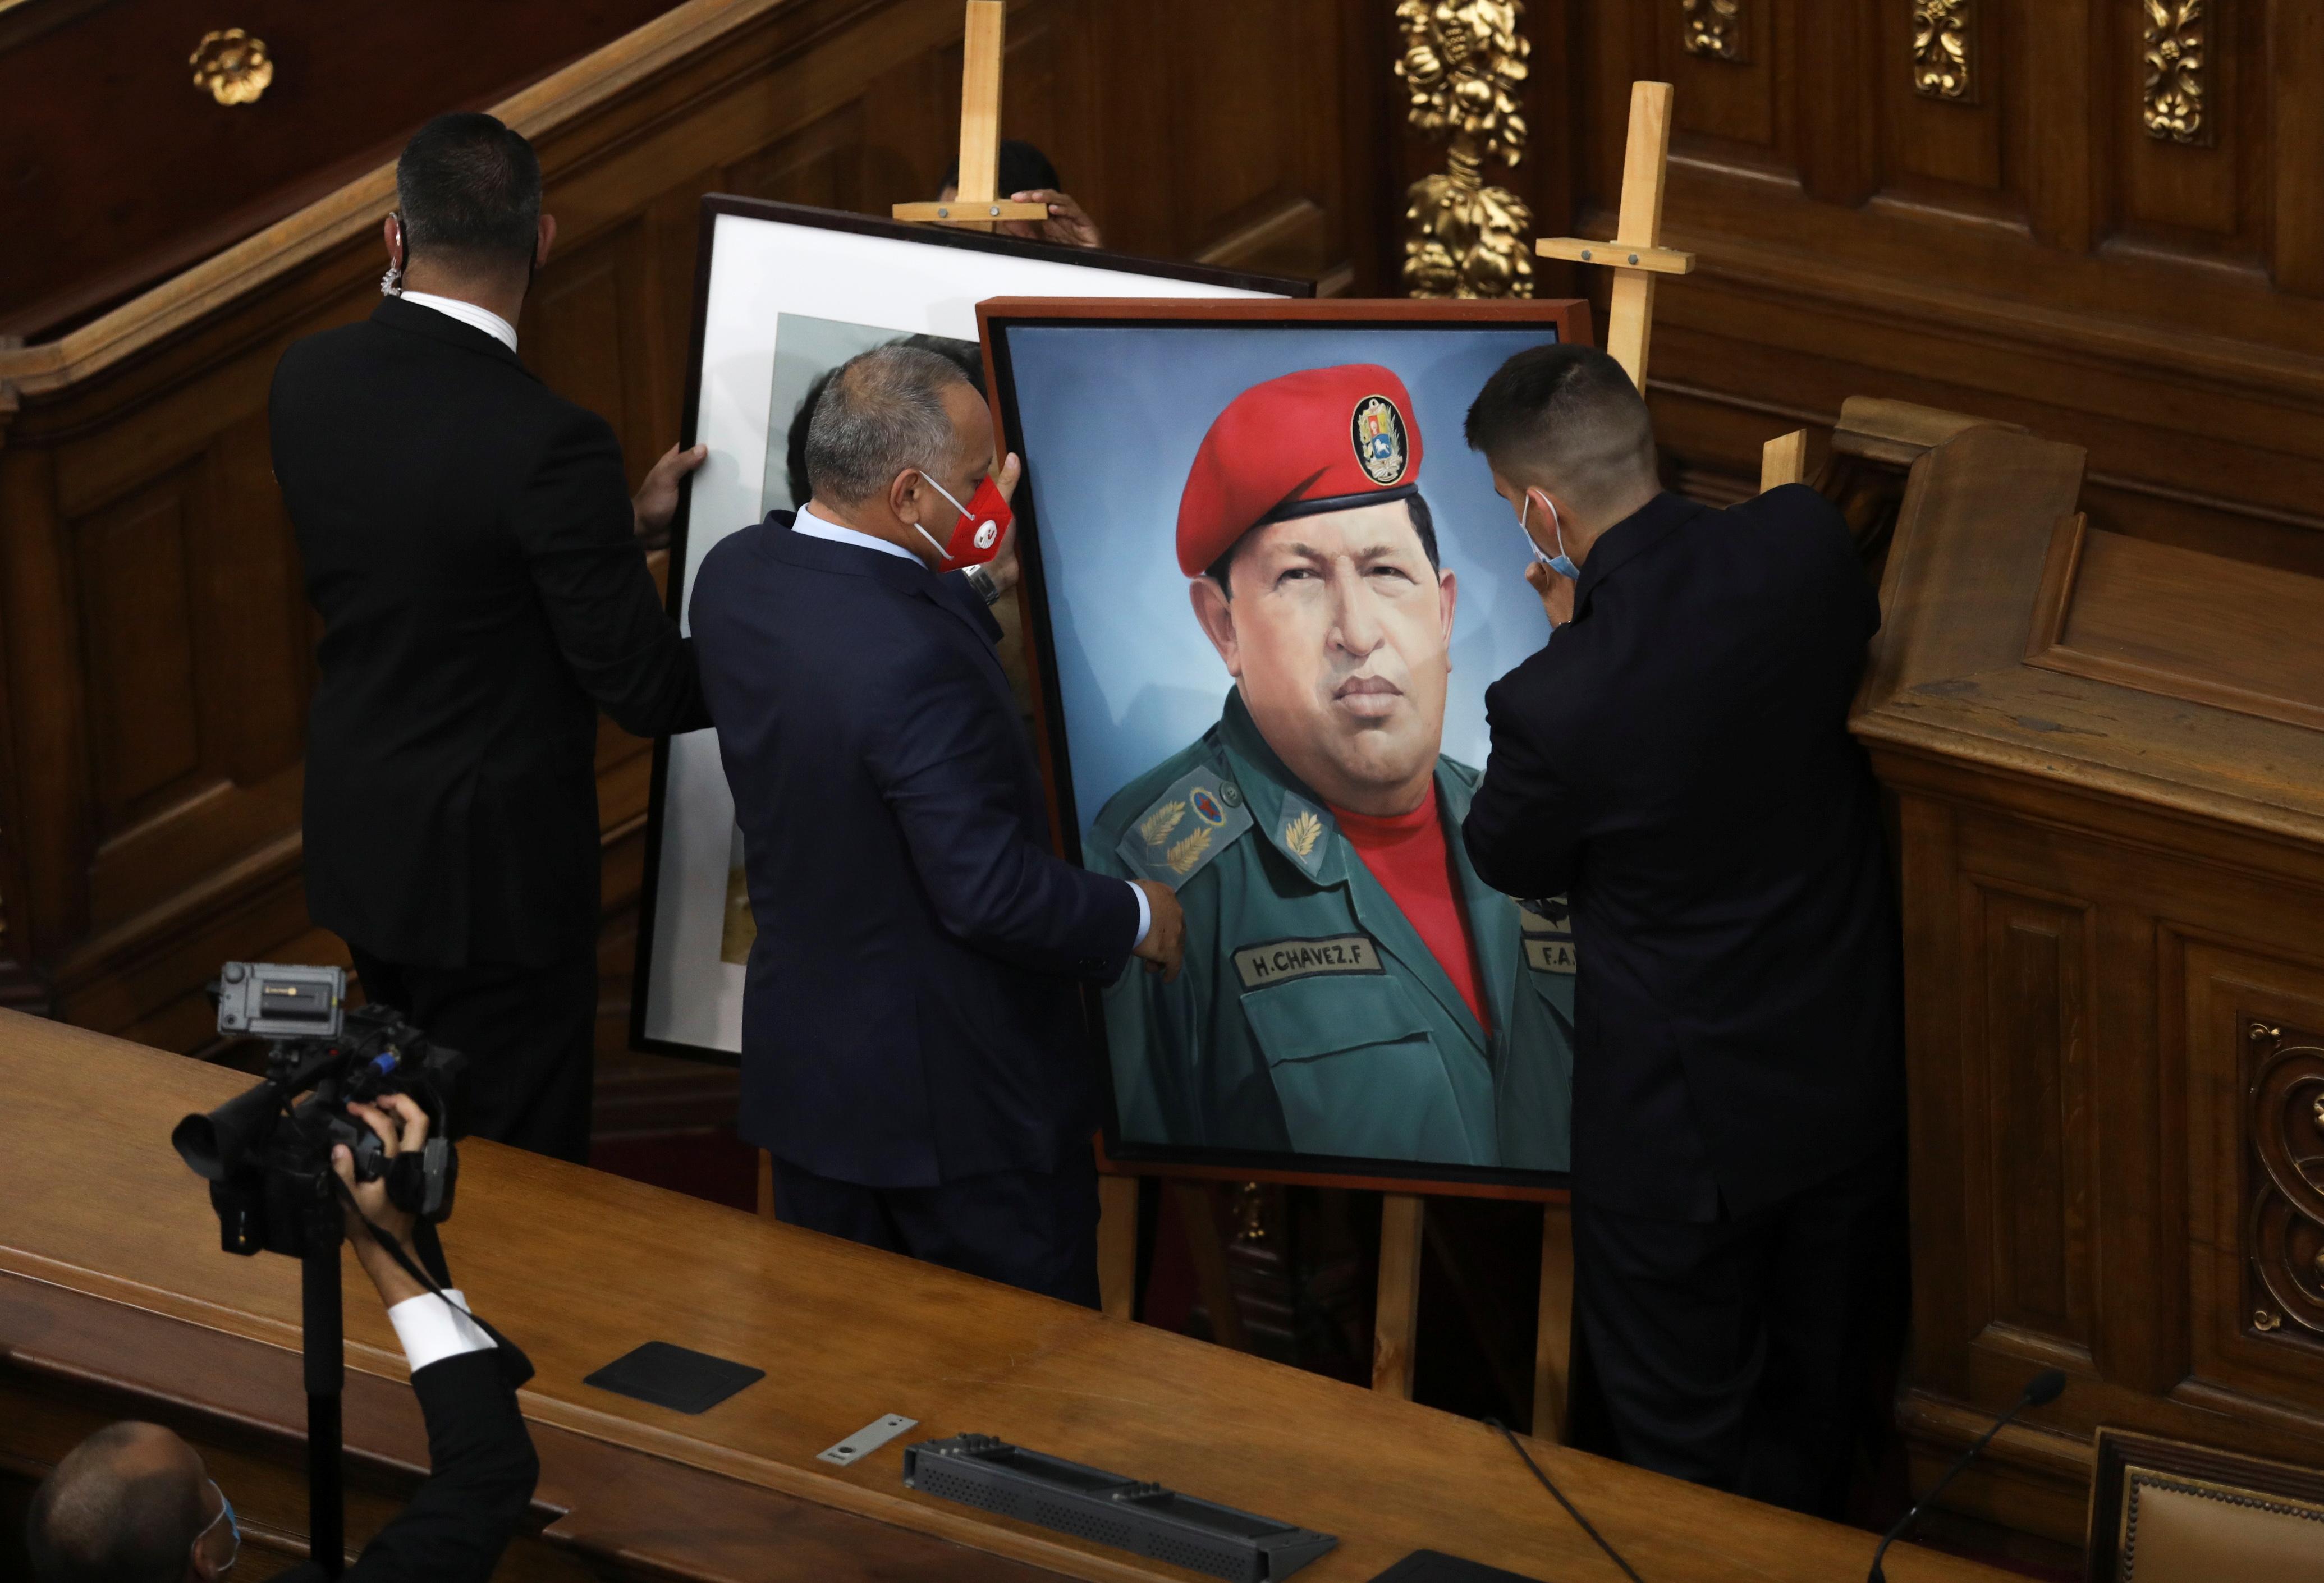 Diosdado Cabello coloca un retrato de Hugo Chávez en el Parlamento.